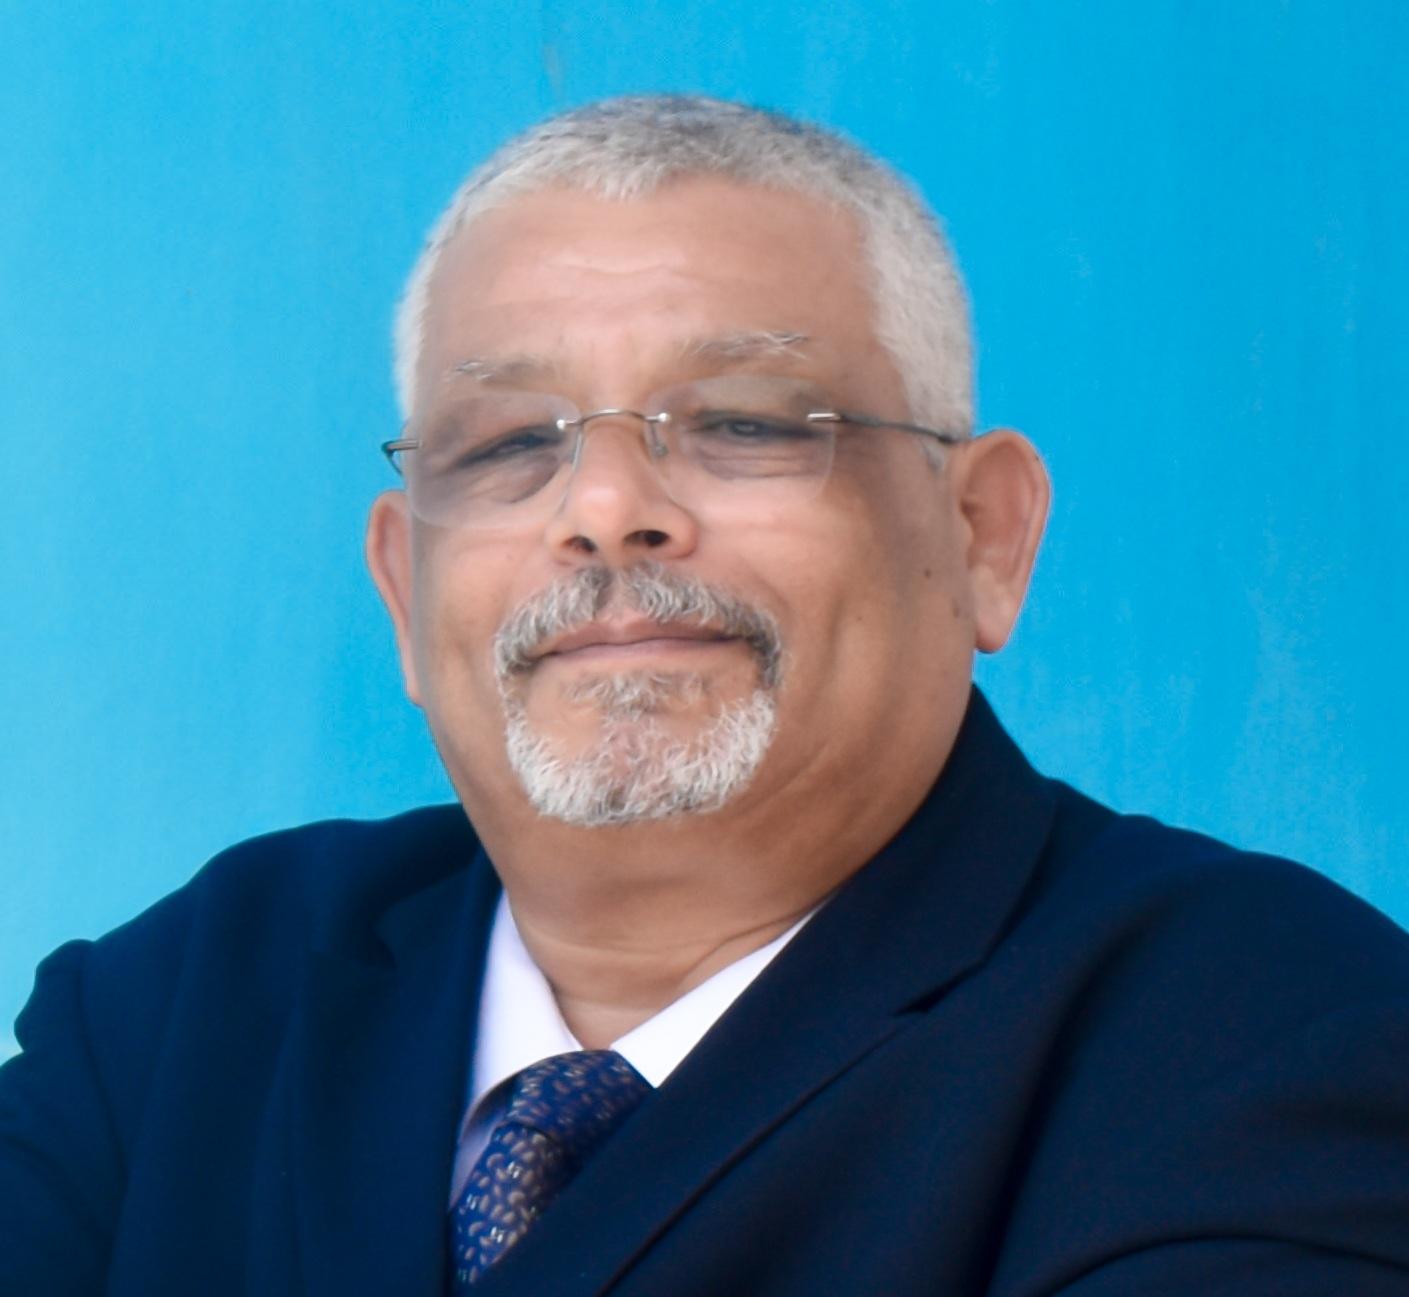 Kamal Zaky : British School Executive Manager